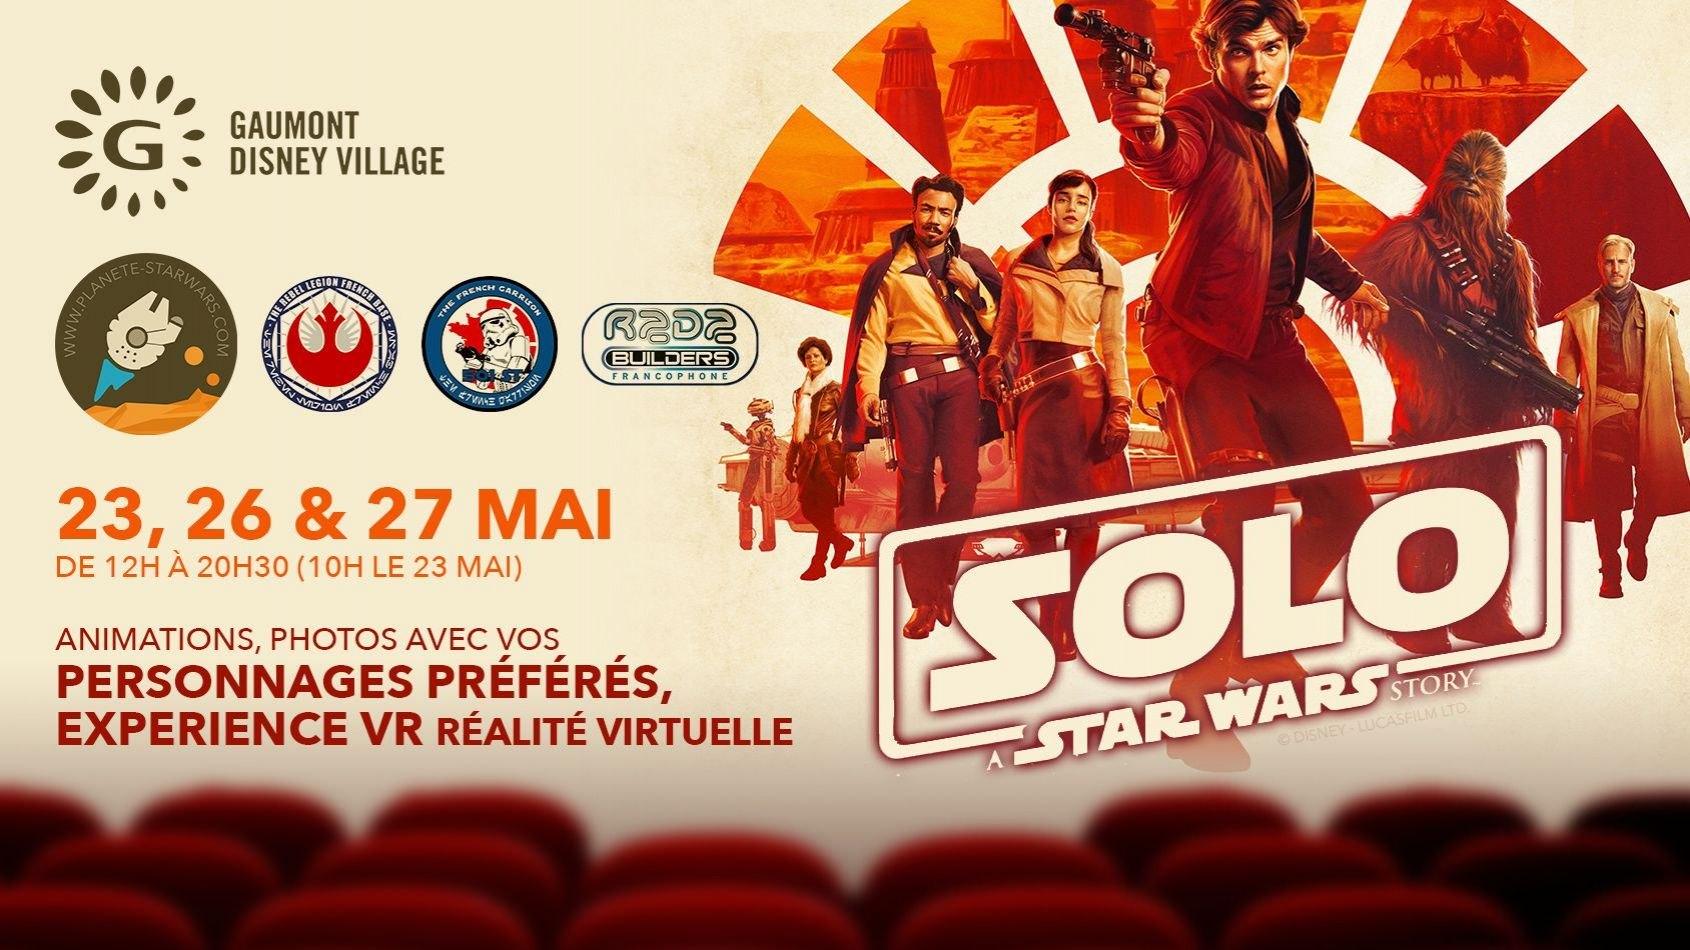 Solo au Gaumont Disney Village, fans costumés, VR et R2D2 !